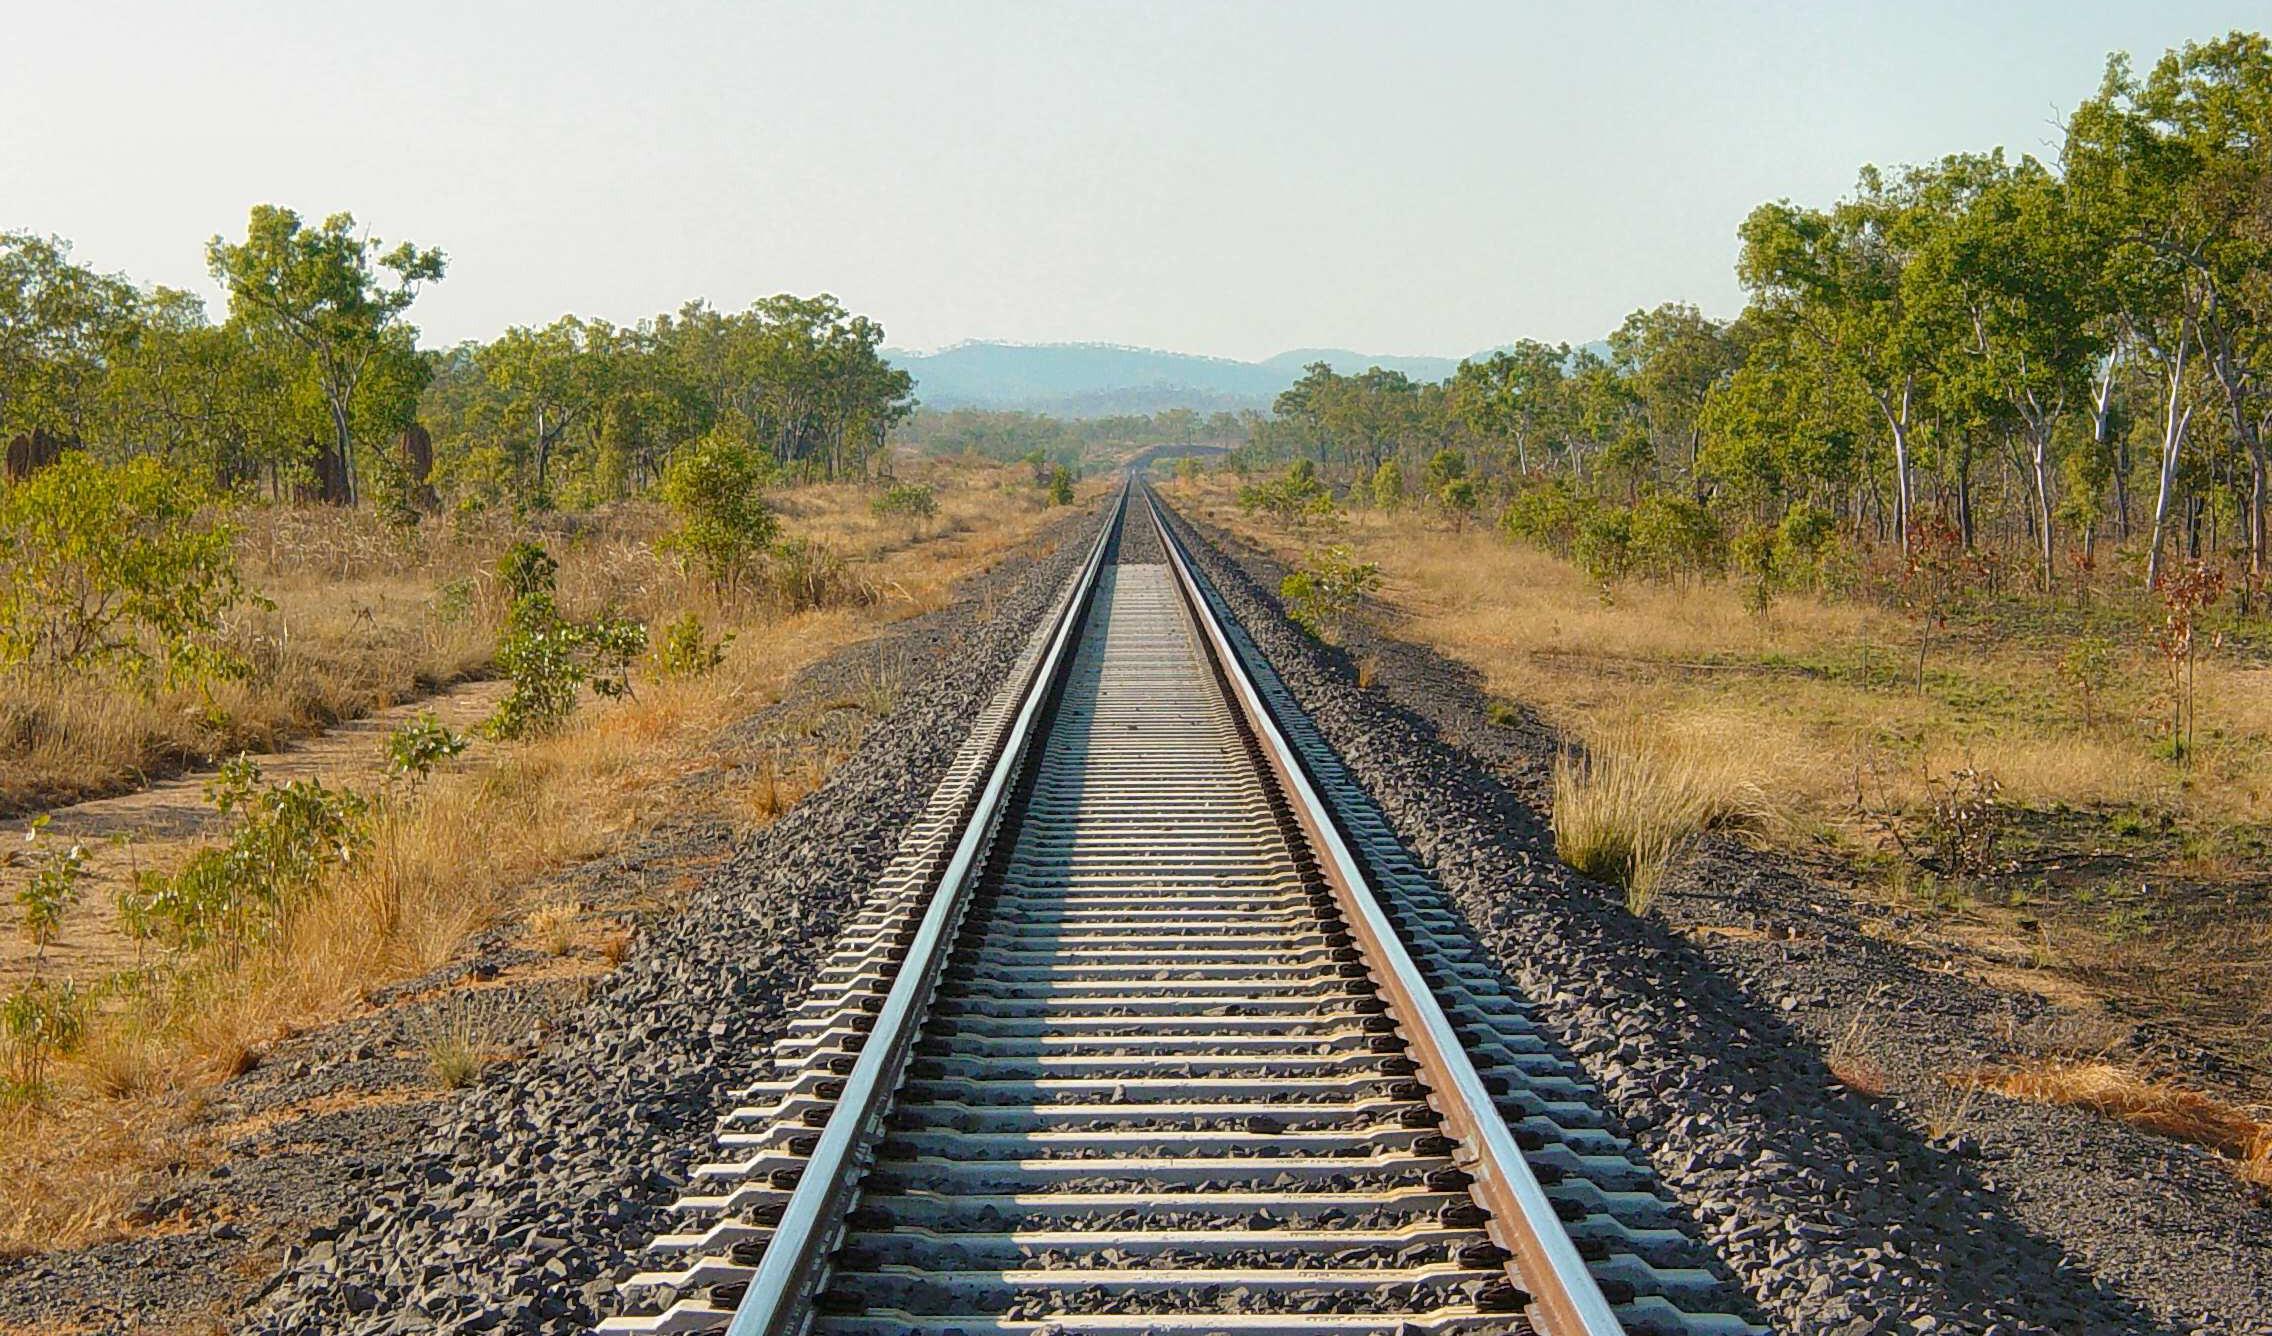 ورود ایران به کریدور ریلی راه ابریشم/ اتصال چین به اروپا از طریق راهآهن ایران